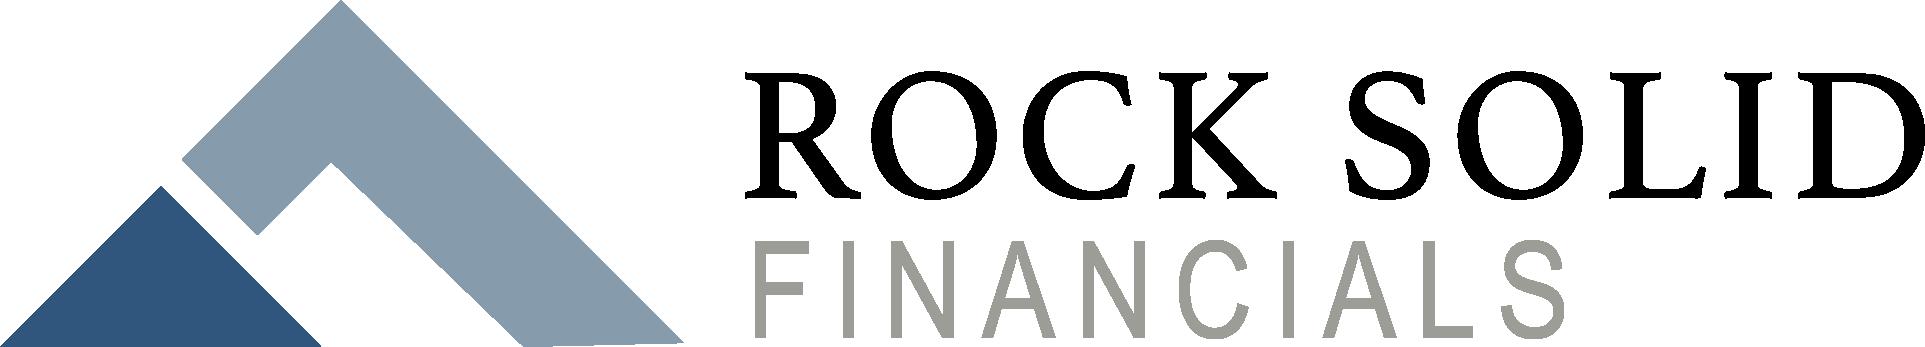 Rock Solid Financials